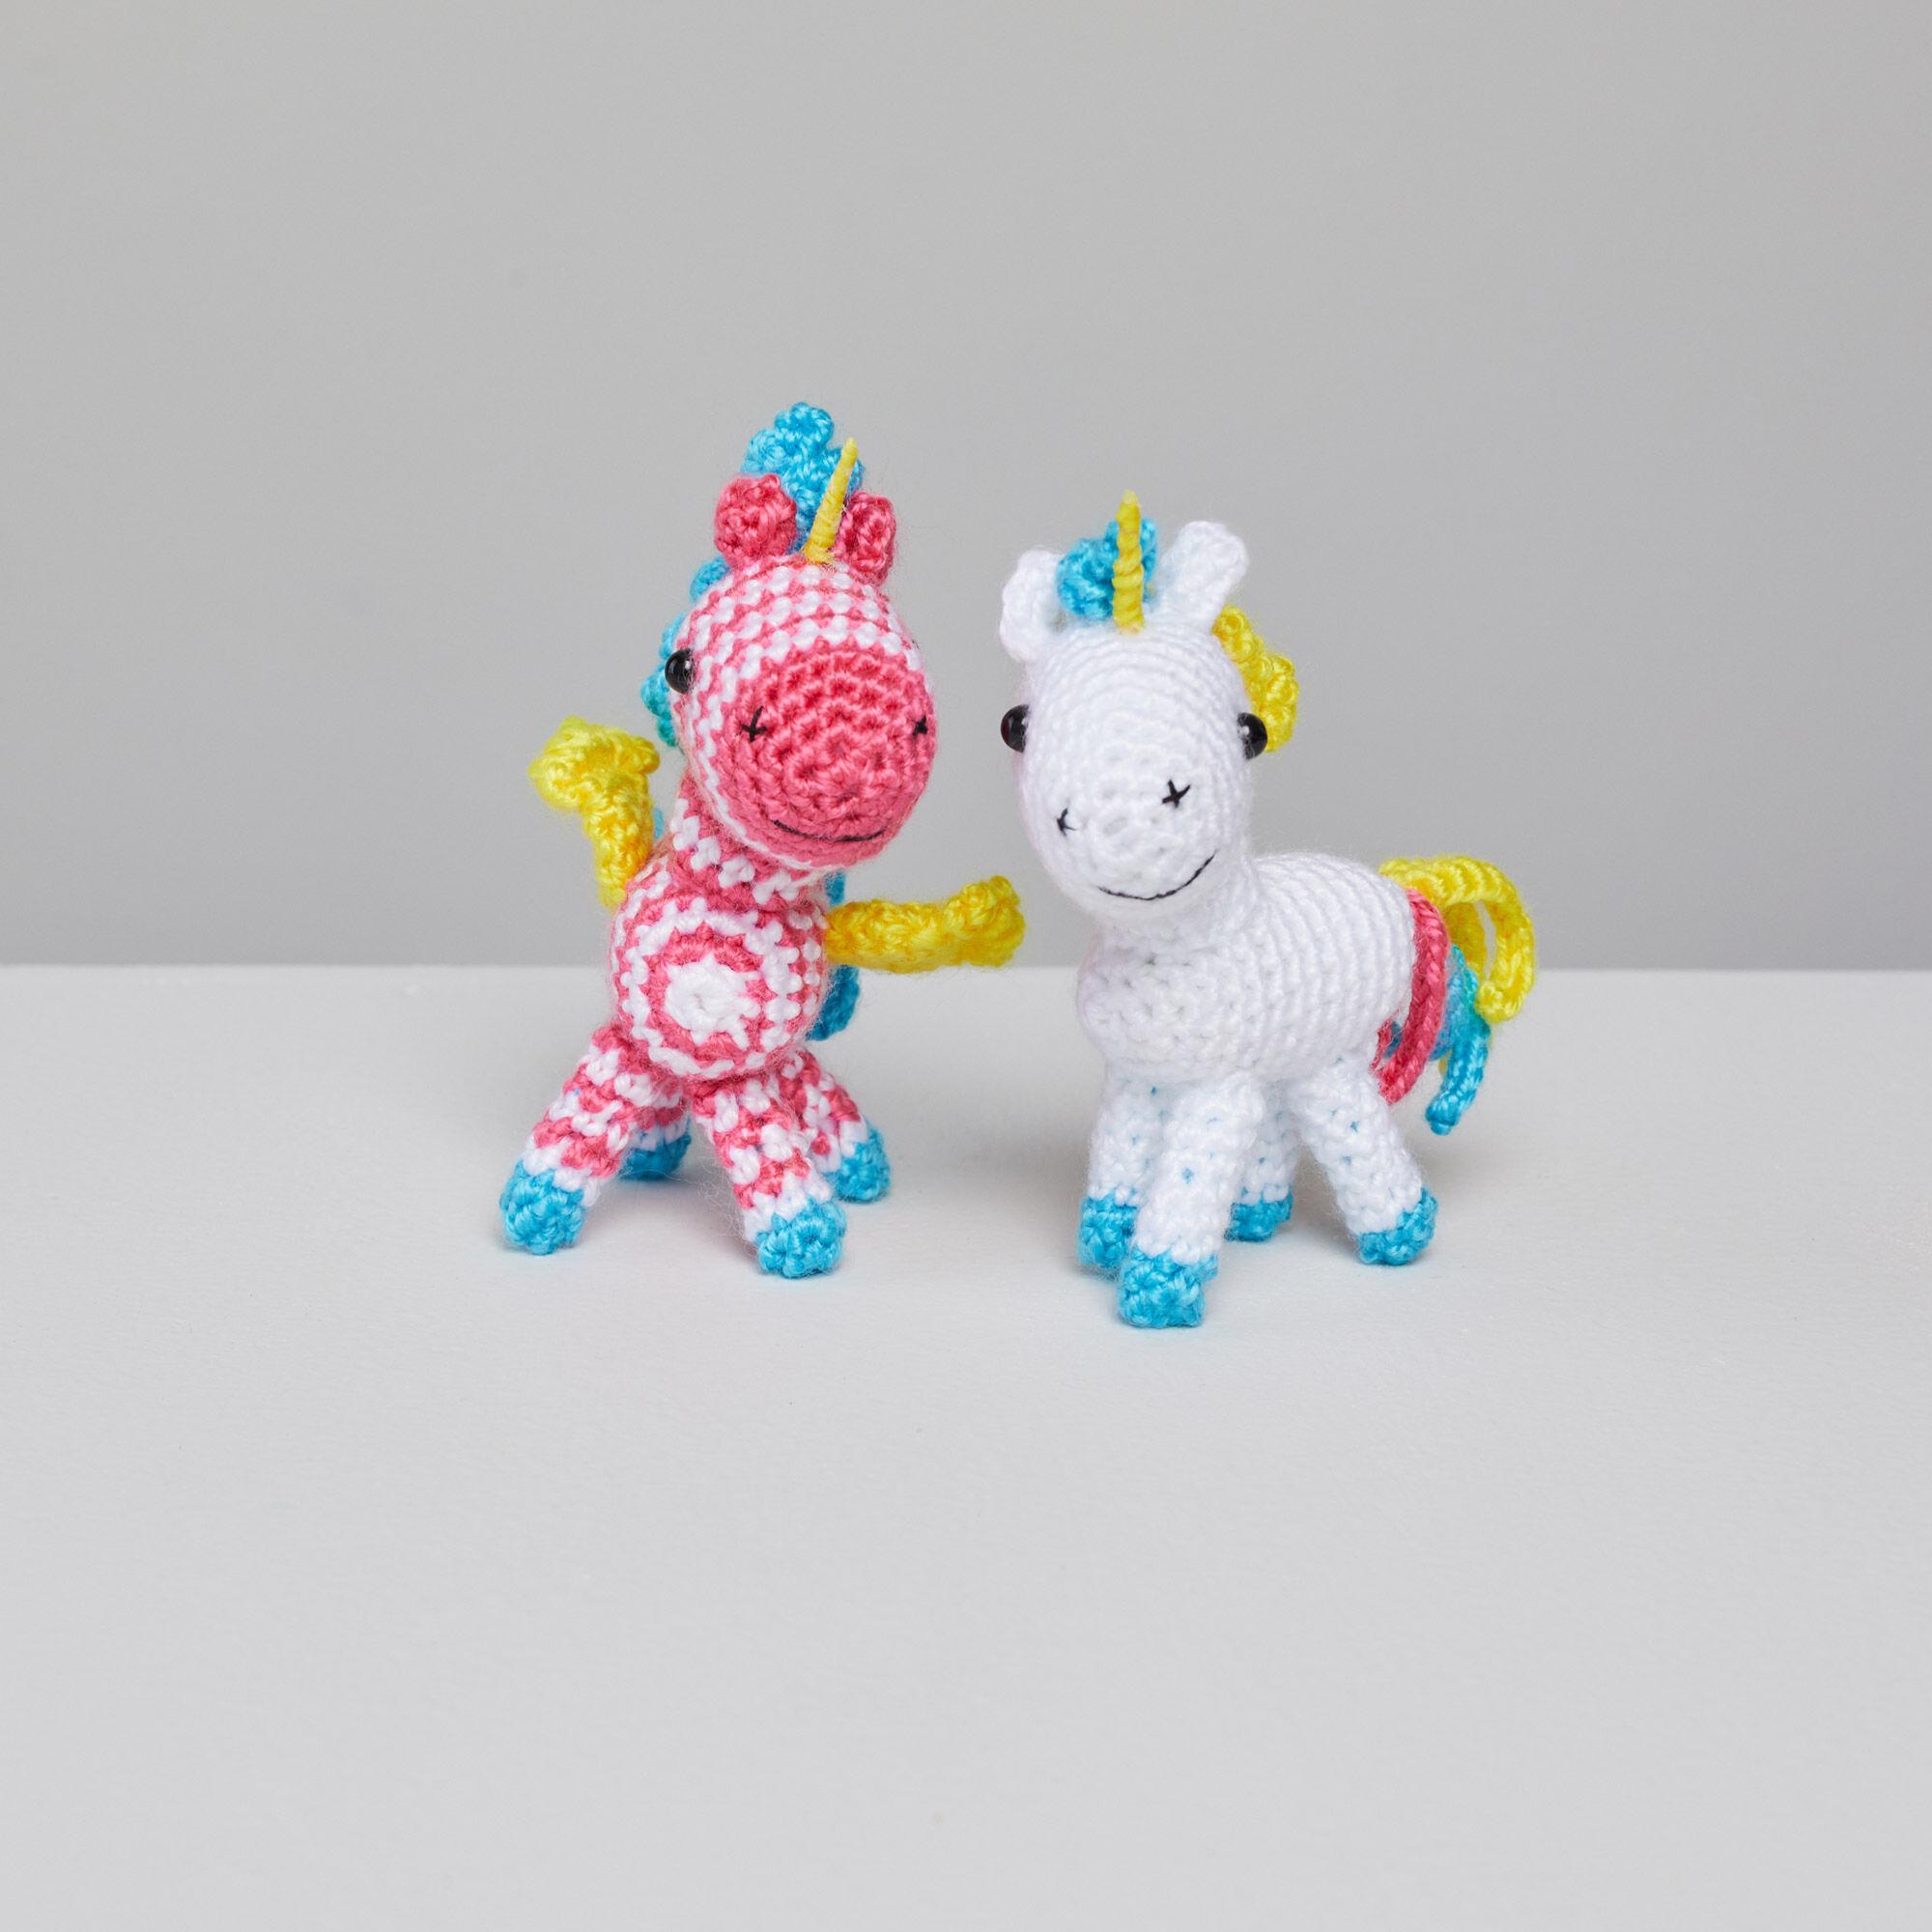 Free Crochet Pattern for Twinkle the Unicorn ⋆ Crochet Kingdom | 2000x2000